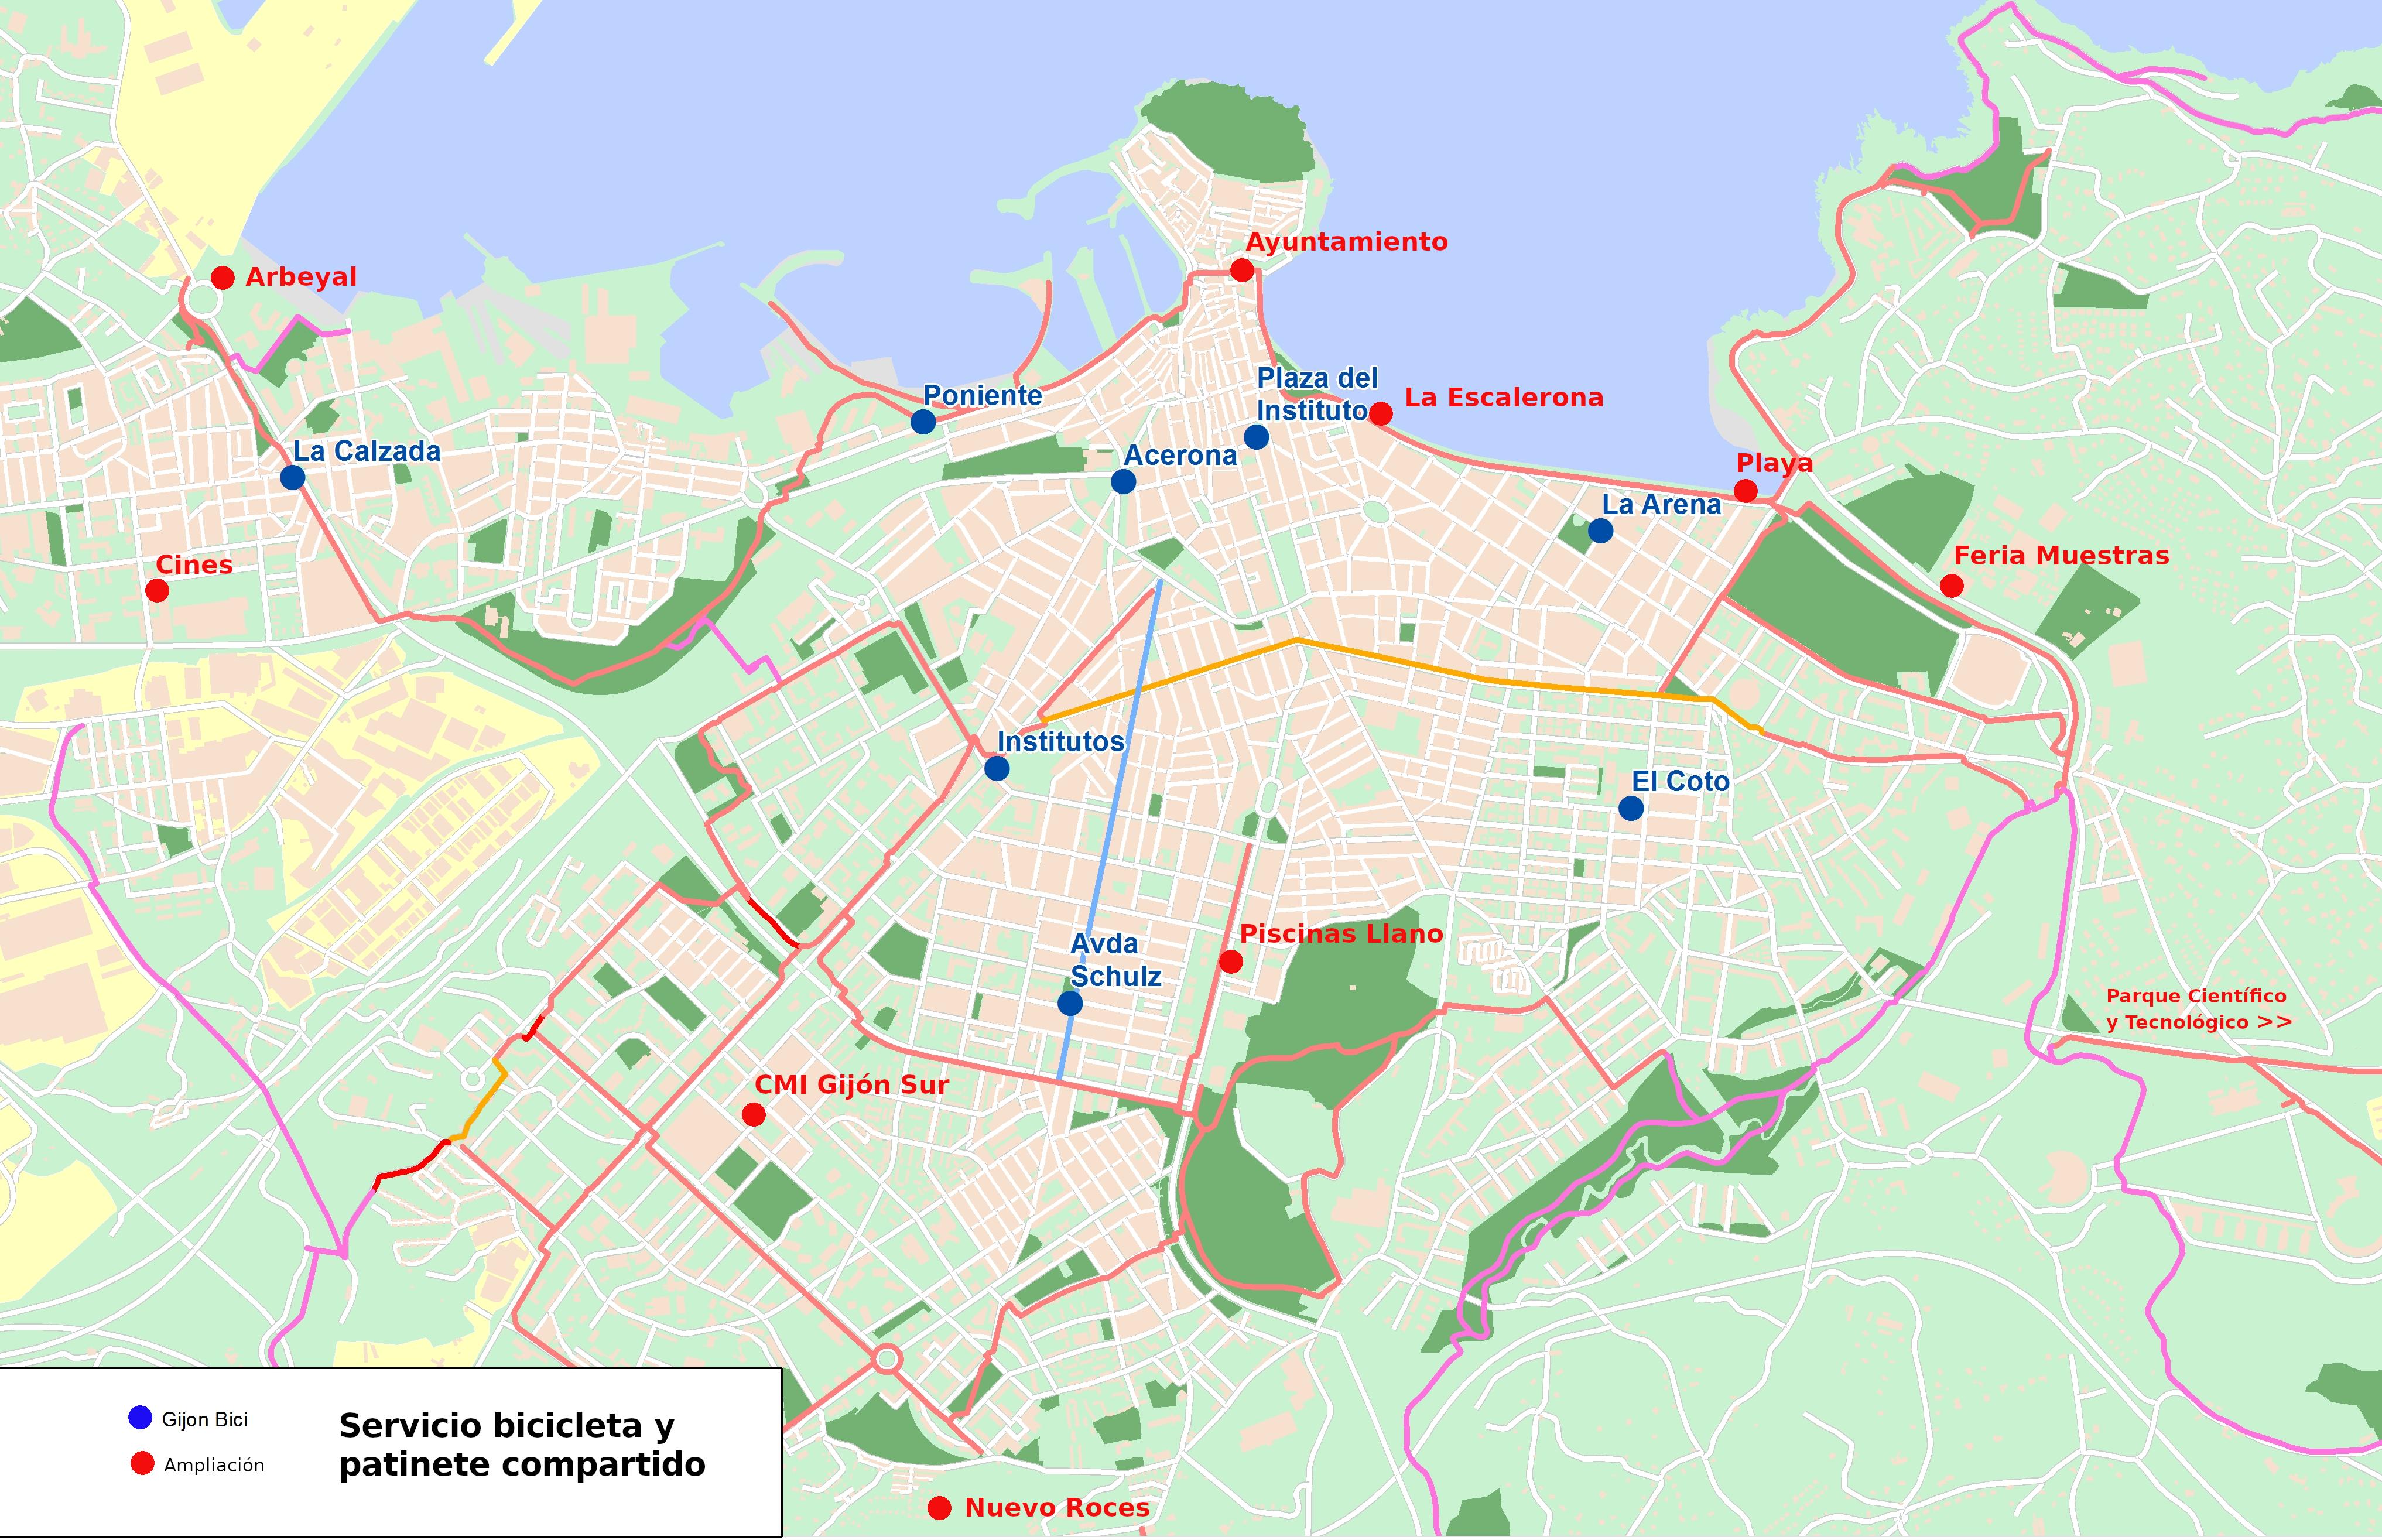 Mapa Carril Bici Gijon.Gijon Priorizara La Movilidad A Pie Y En Bicicleta Durante La Desescalada Nosotros Los Mayores